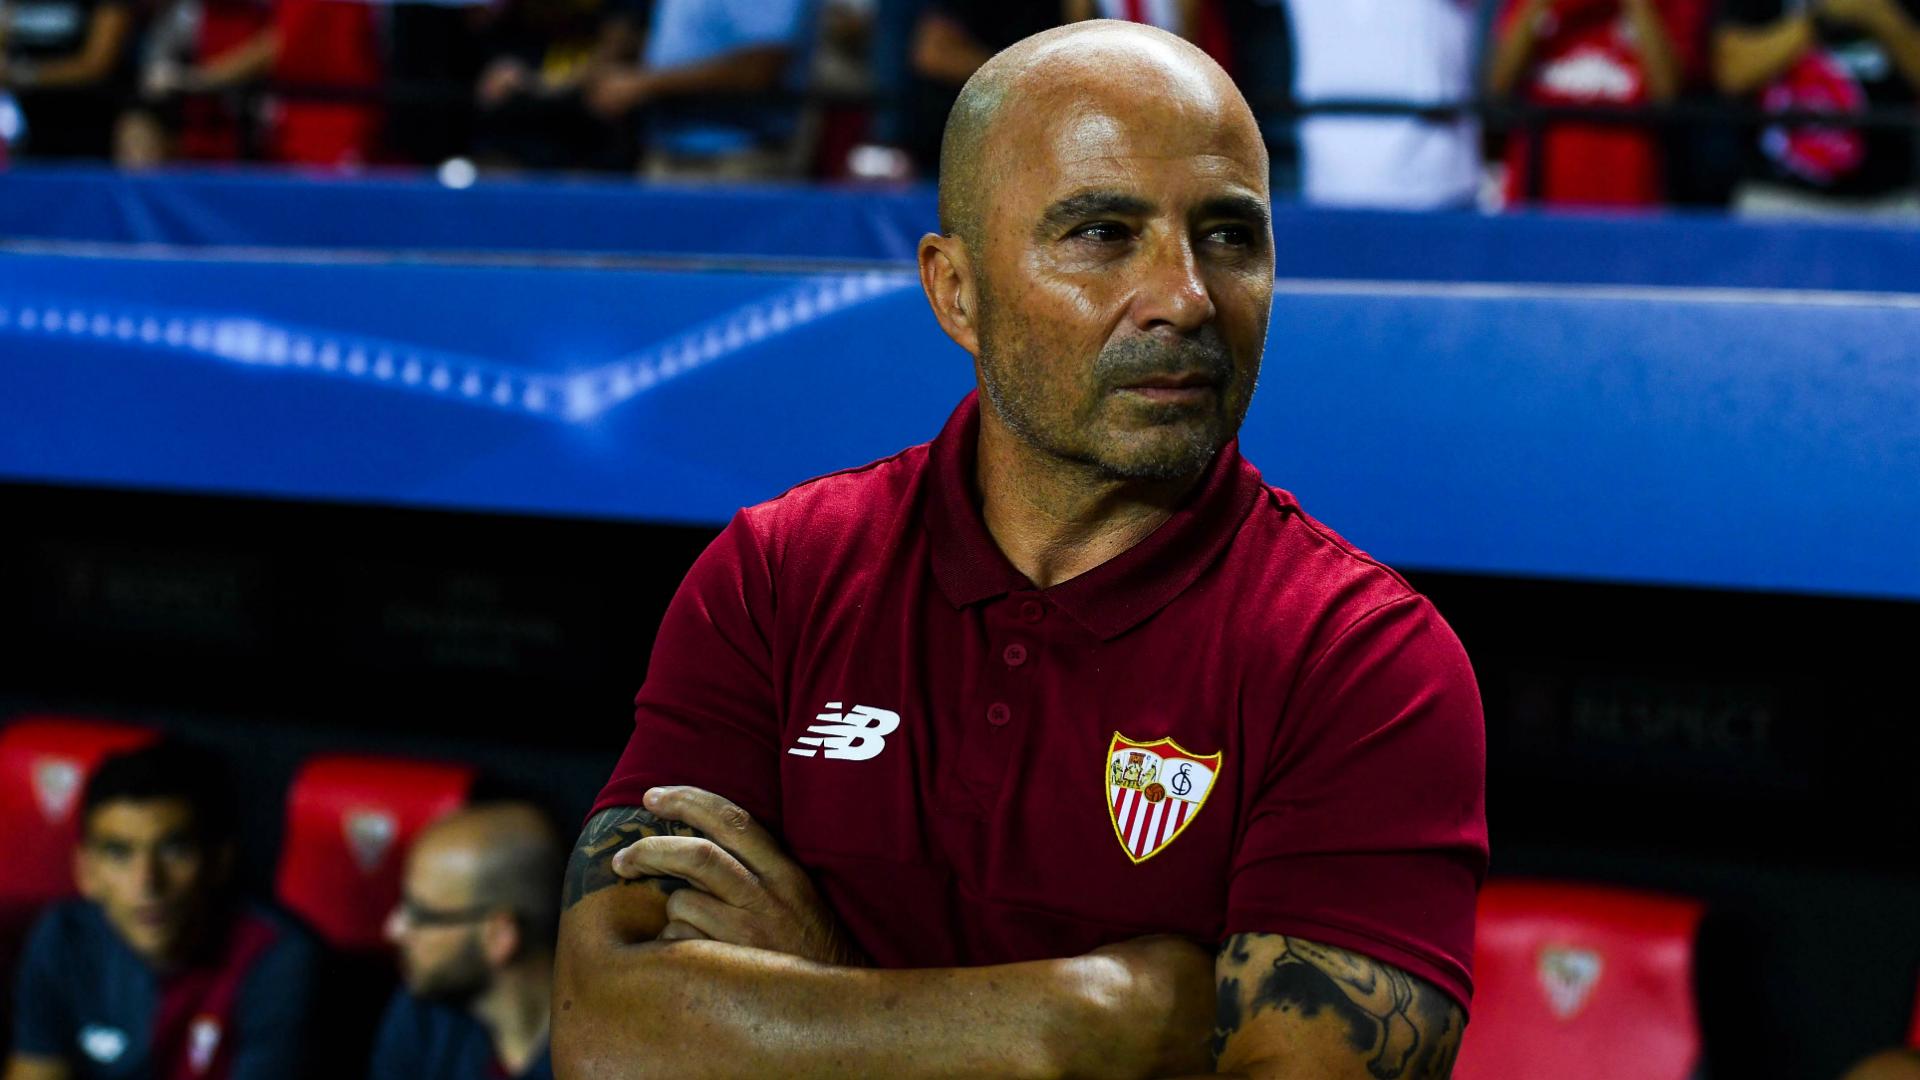 Sevilla anuncia acerto para liberar Sampaoli para a seleção argentina — Falta assinar